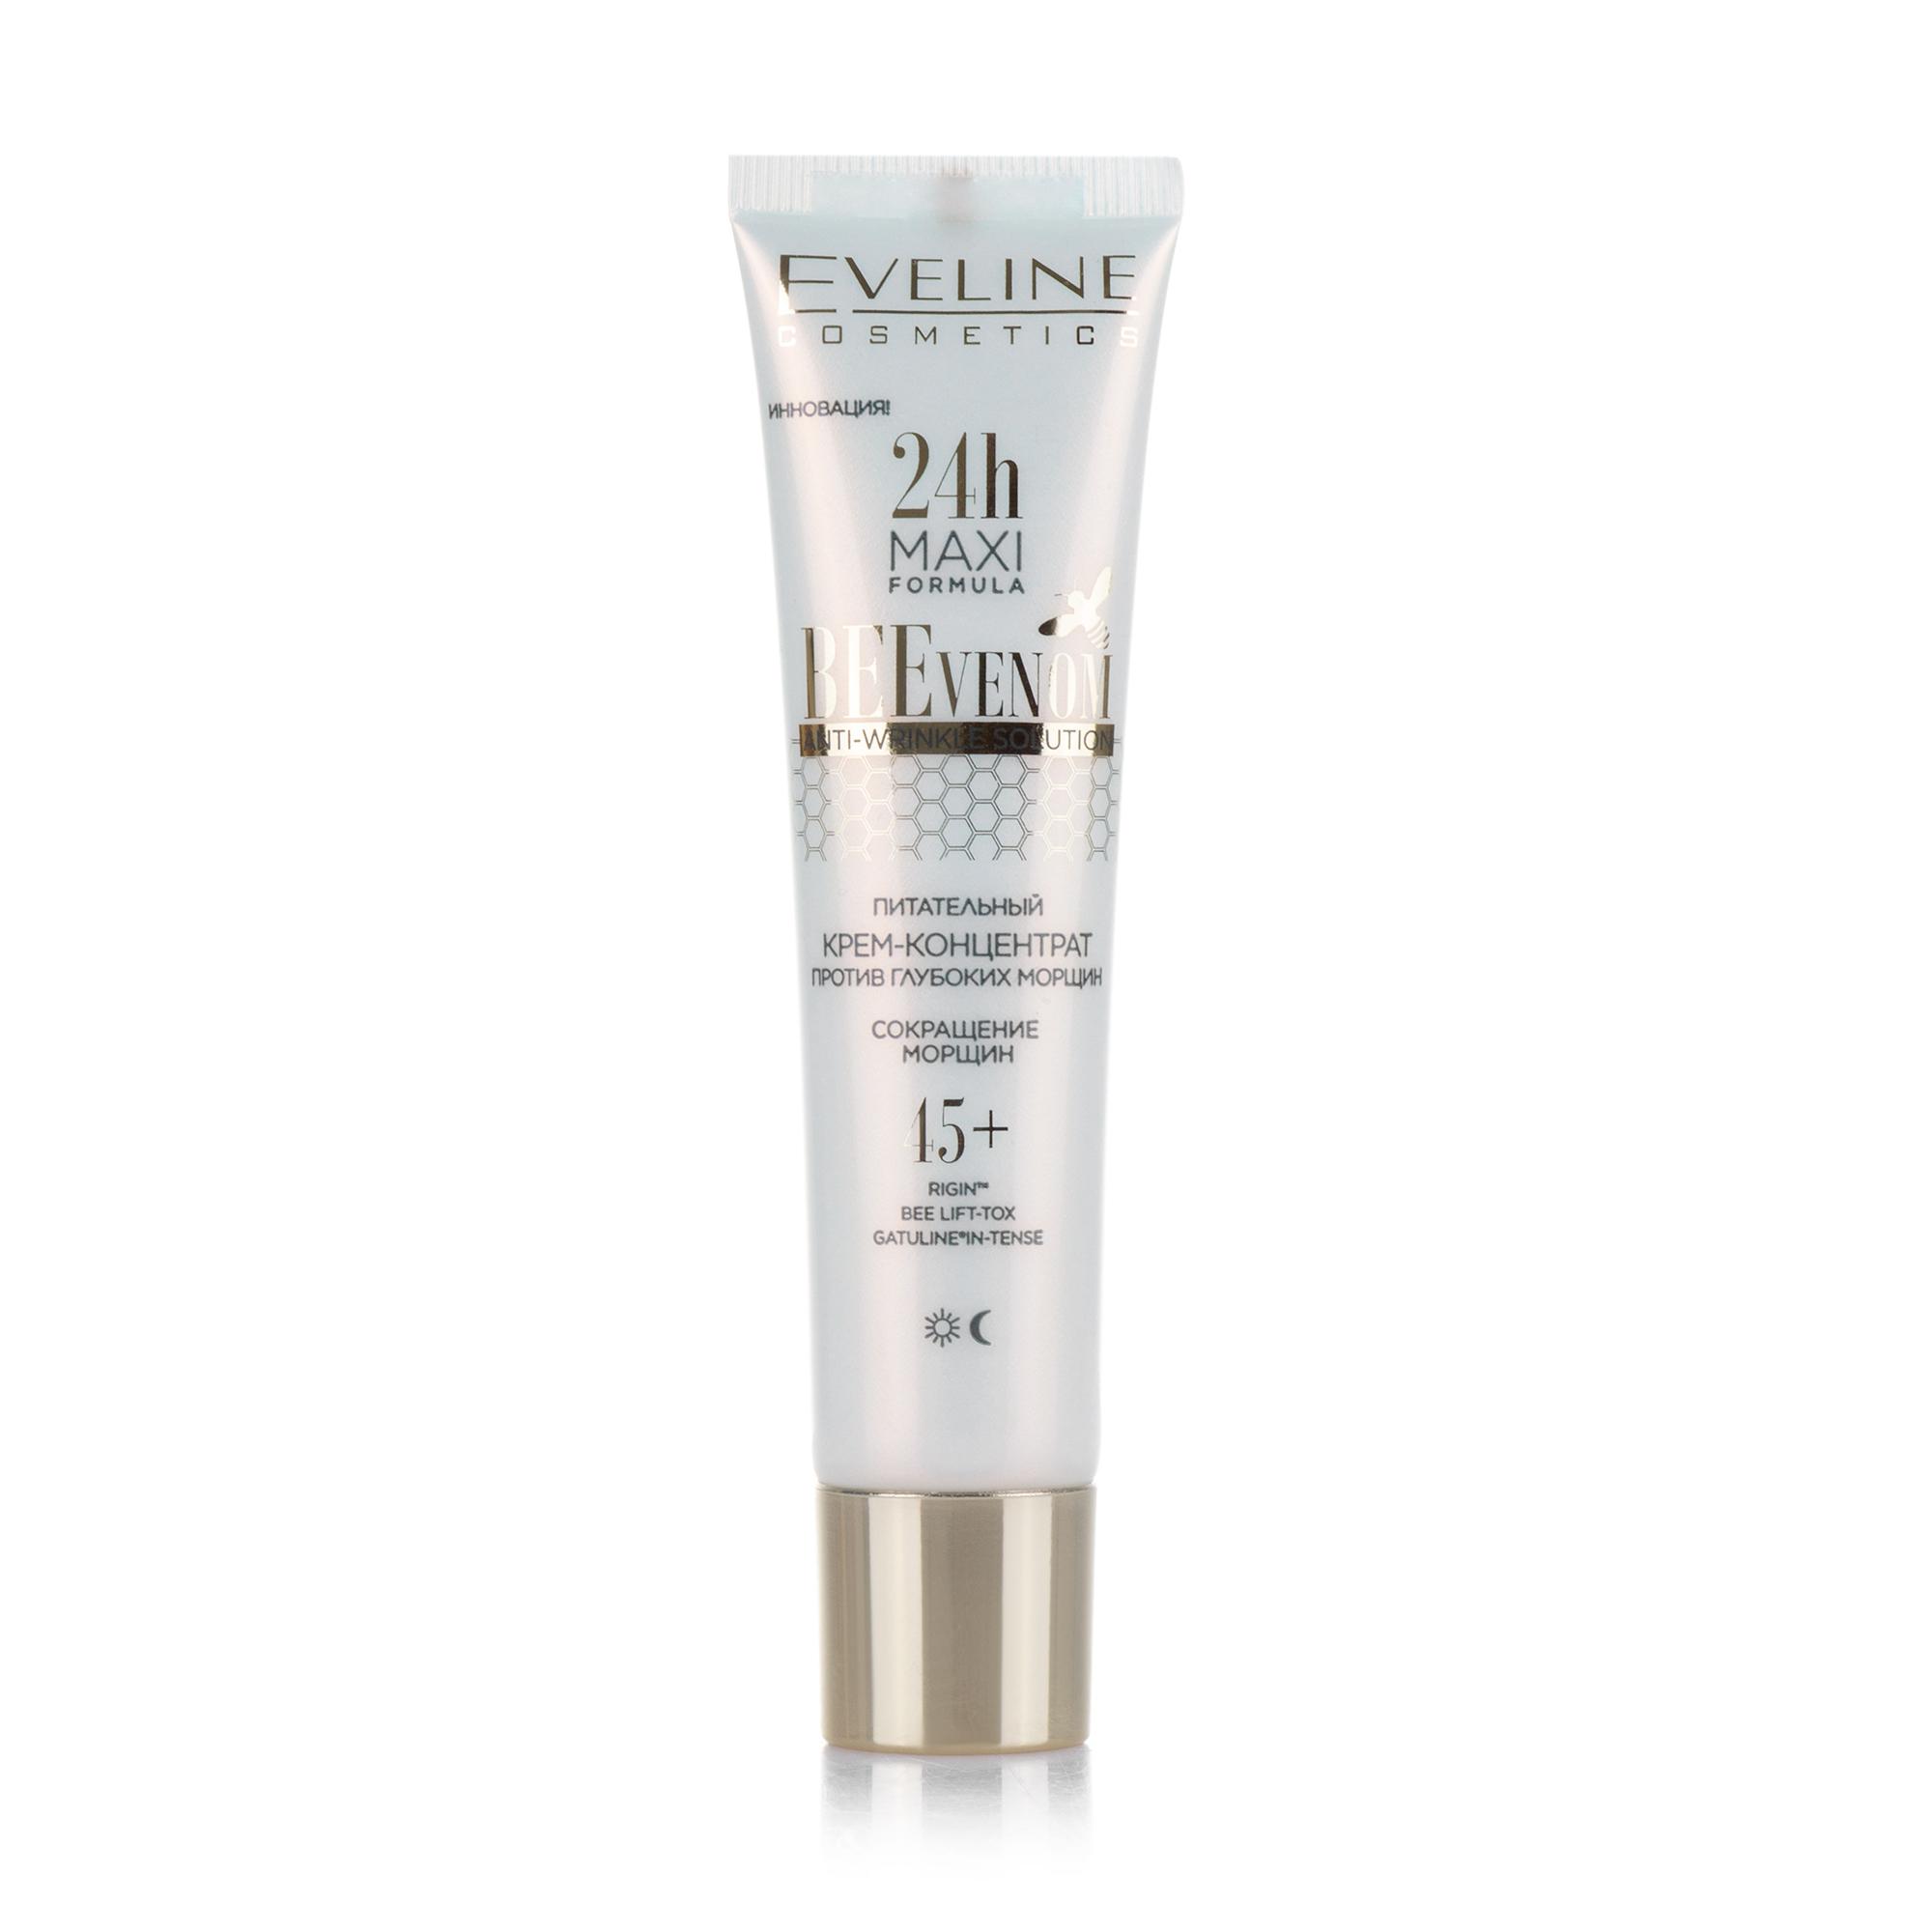 Крем-концентрат для лица Eveline 24h Maxi formula , питательный, против глубоких морщин, 45+, 40 мл Eveline Cosmetics